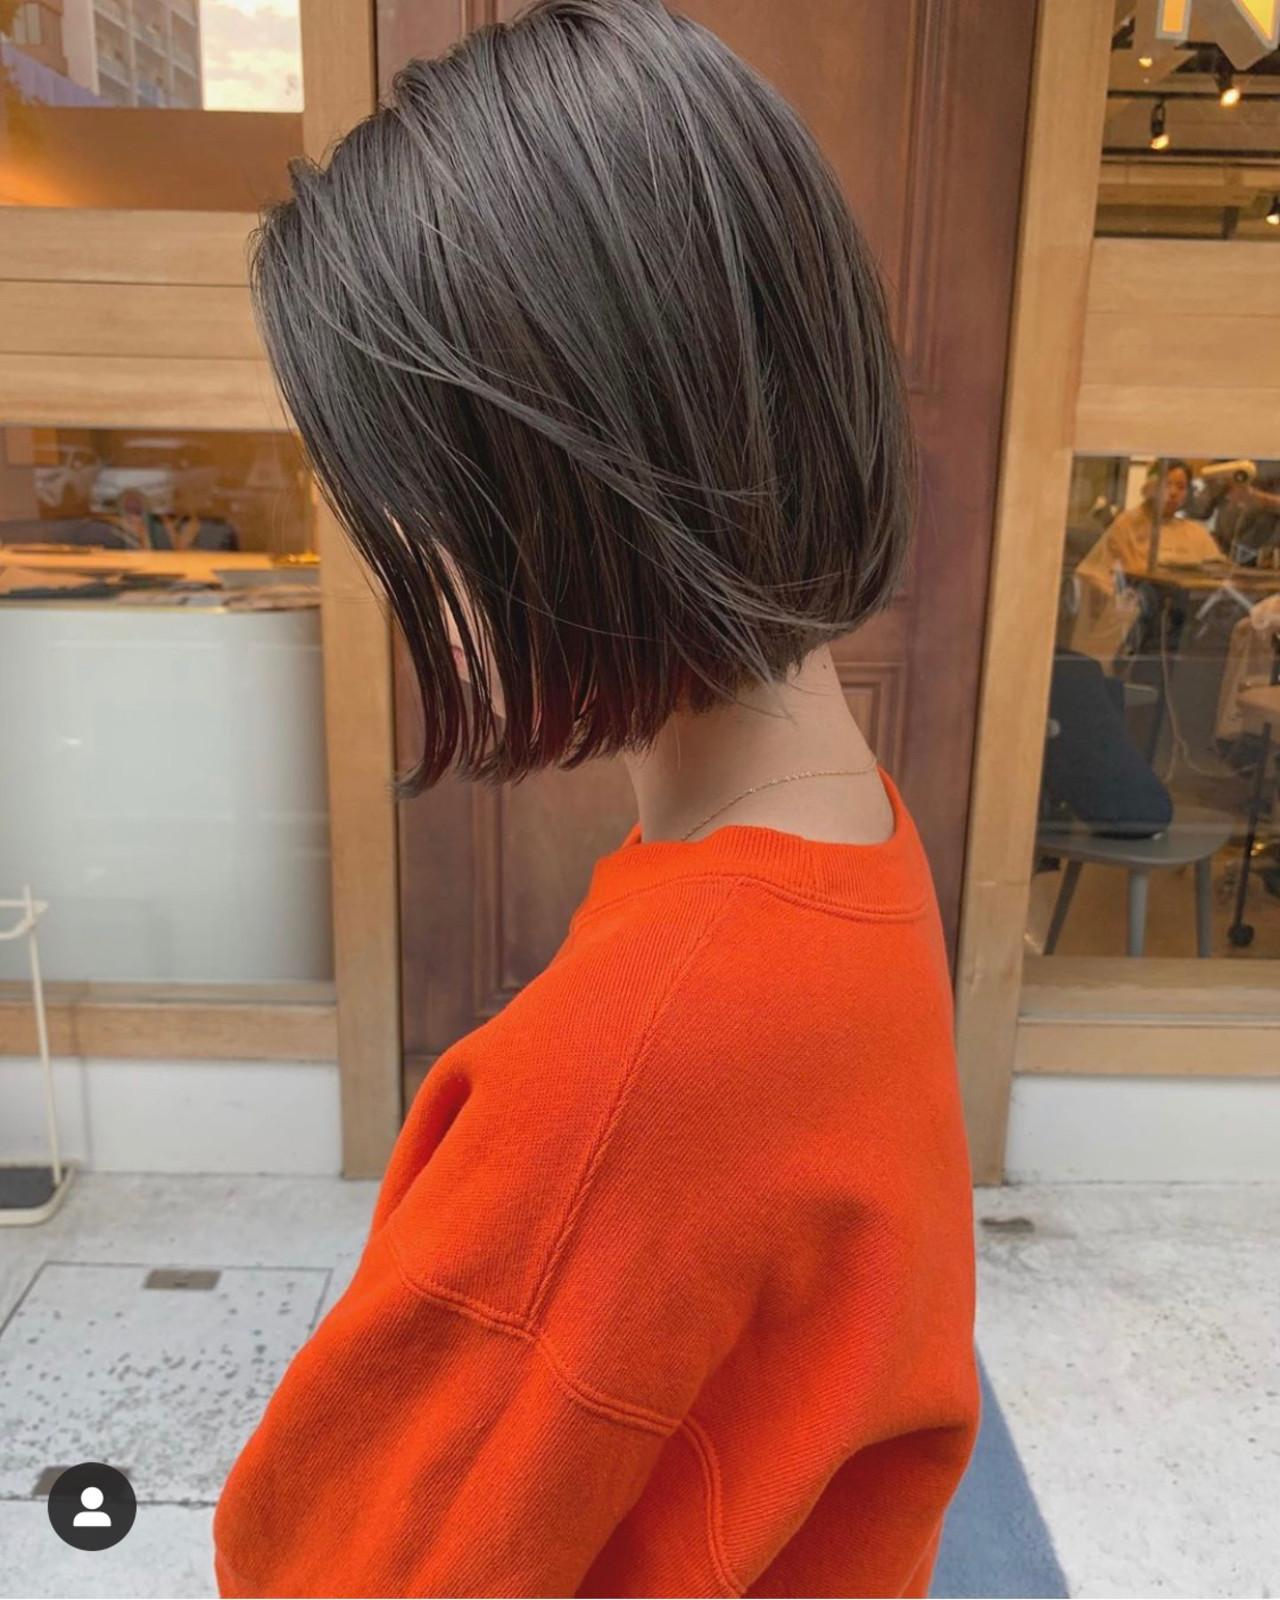 ボブ ショートボブ ショートヘア ベリーショート ヘアスタイルや髪型の写真・画像 | KENTO.NOESALON / NOE SALON